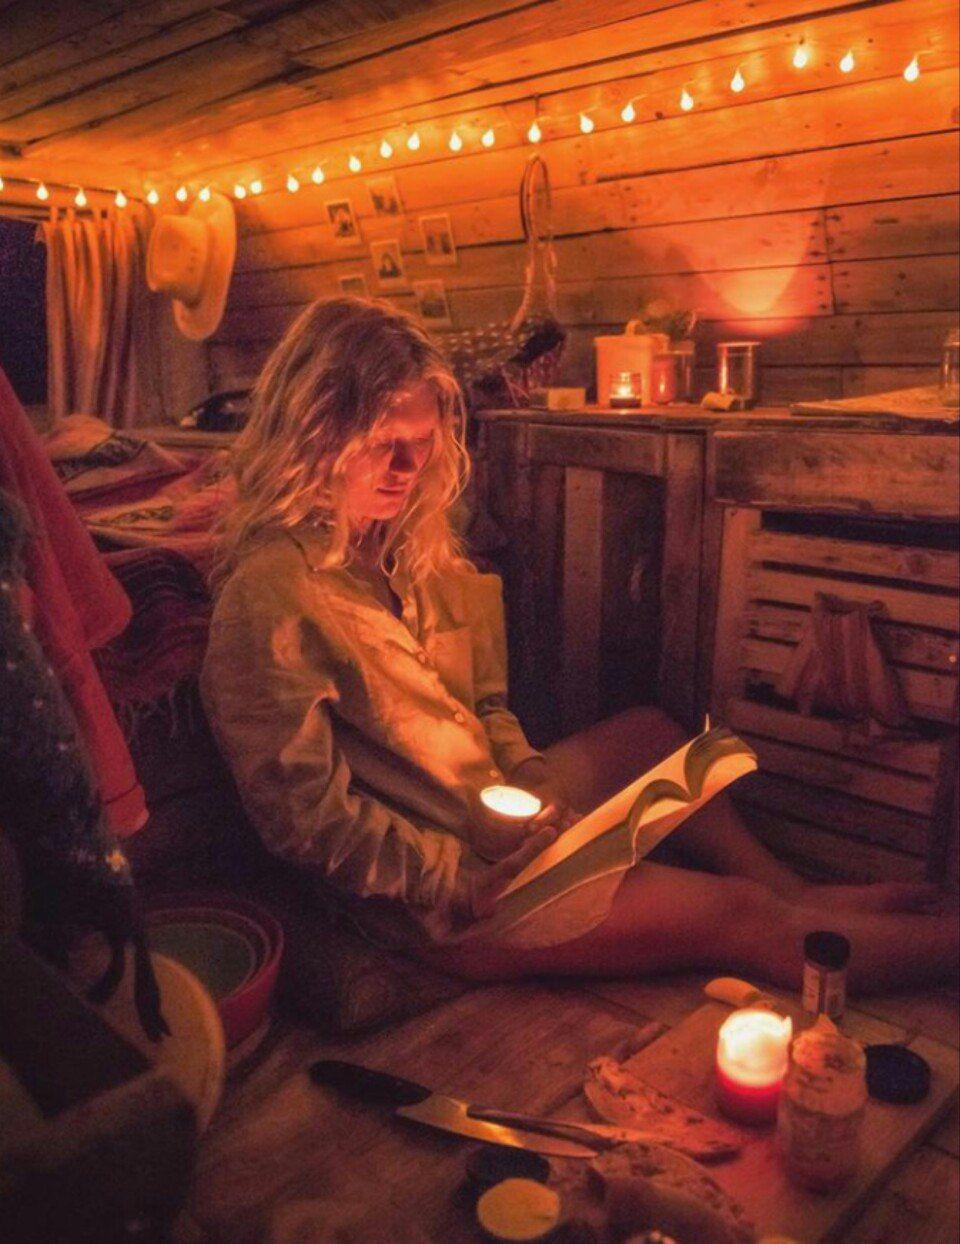 pin by lynette elizabeth on van life camper. Black Bedroom Furniture Sets. Home Design Ideas